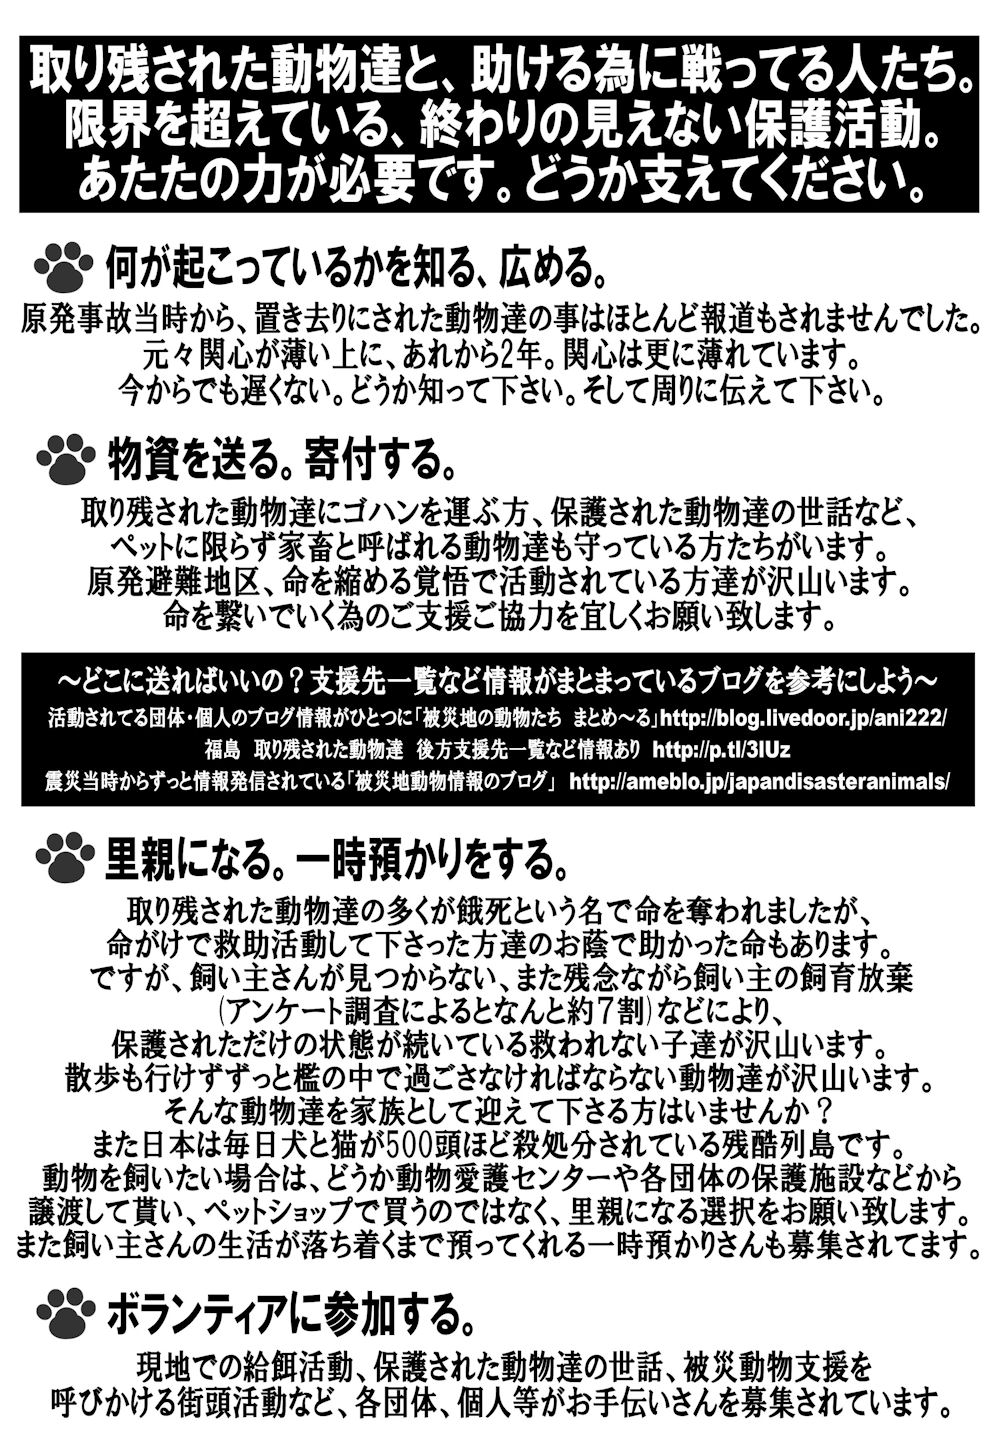 hisaichirashi1a.jpg